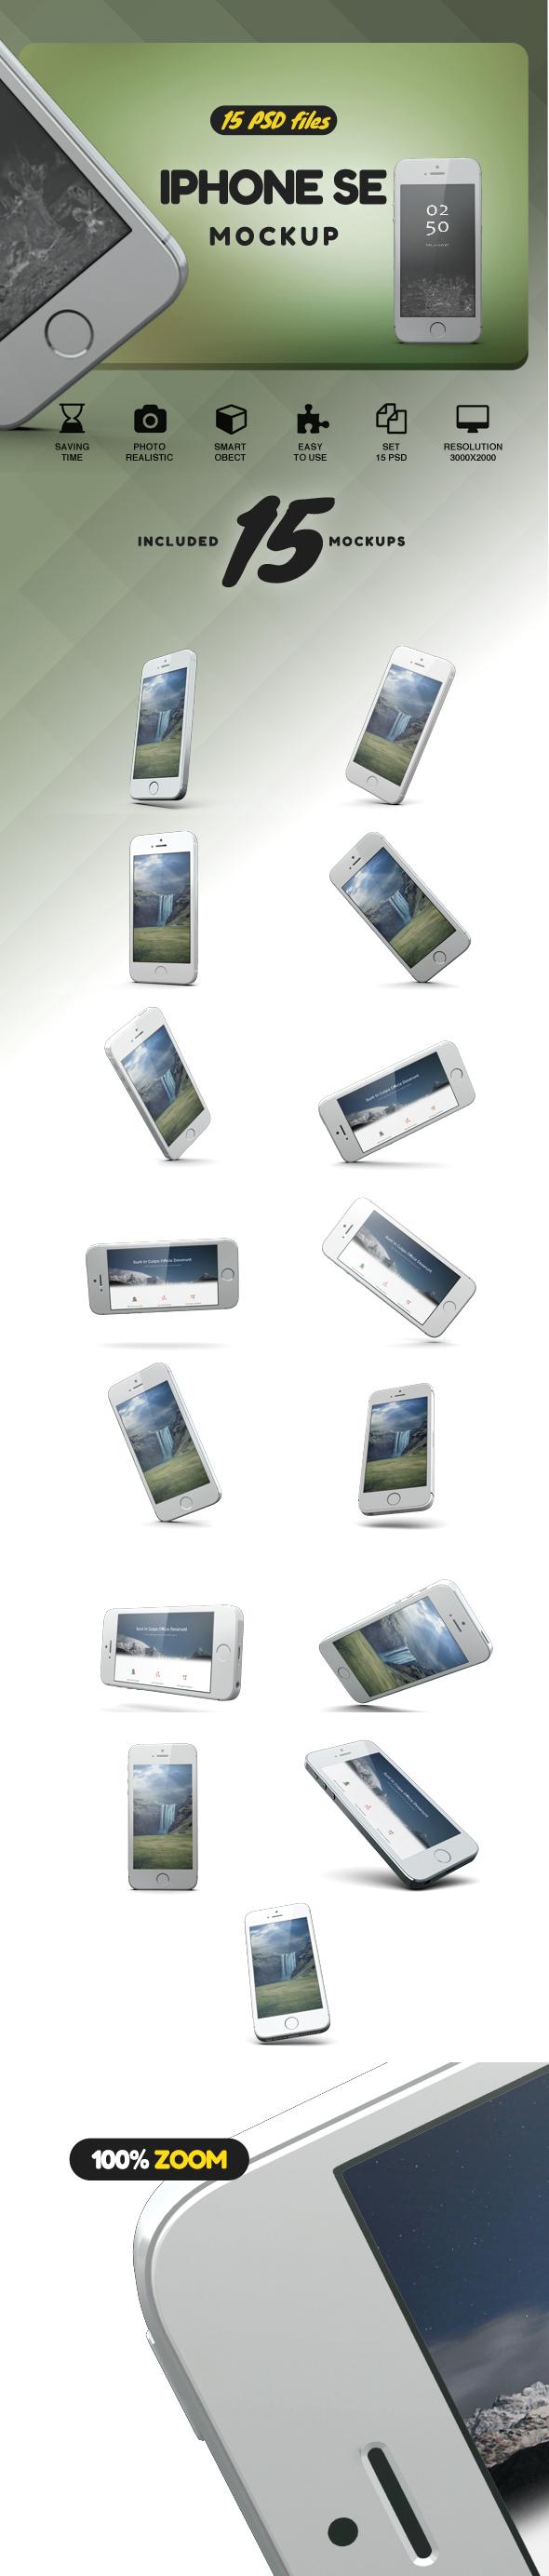 iPhone SE Mockup example image 2